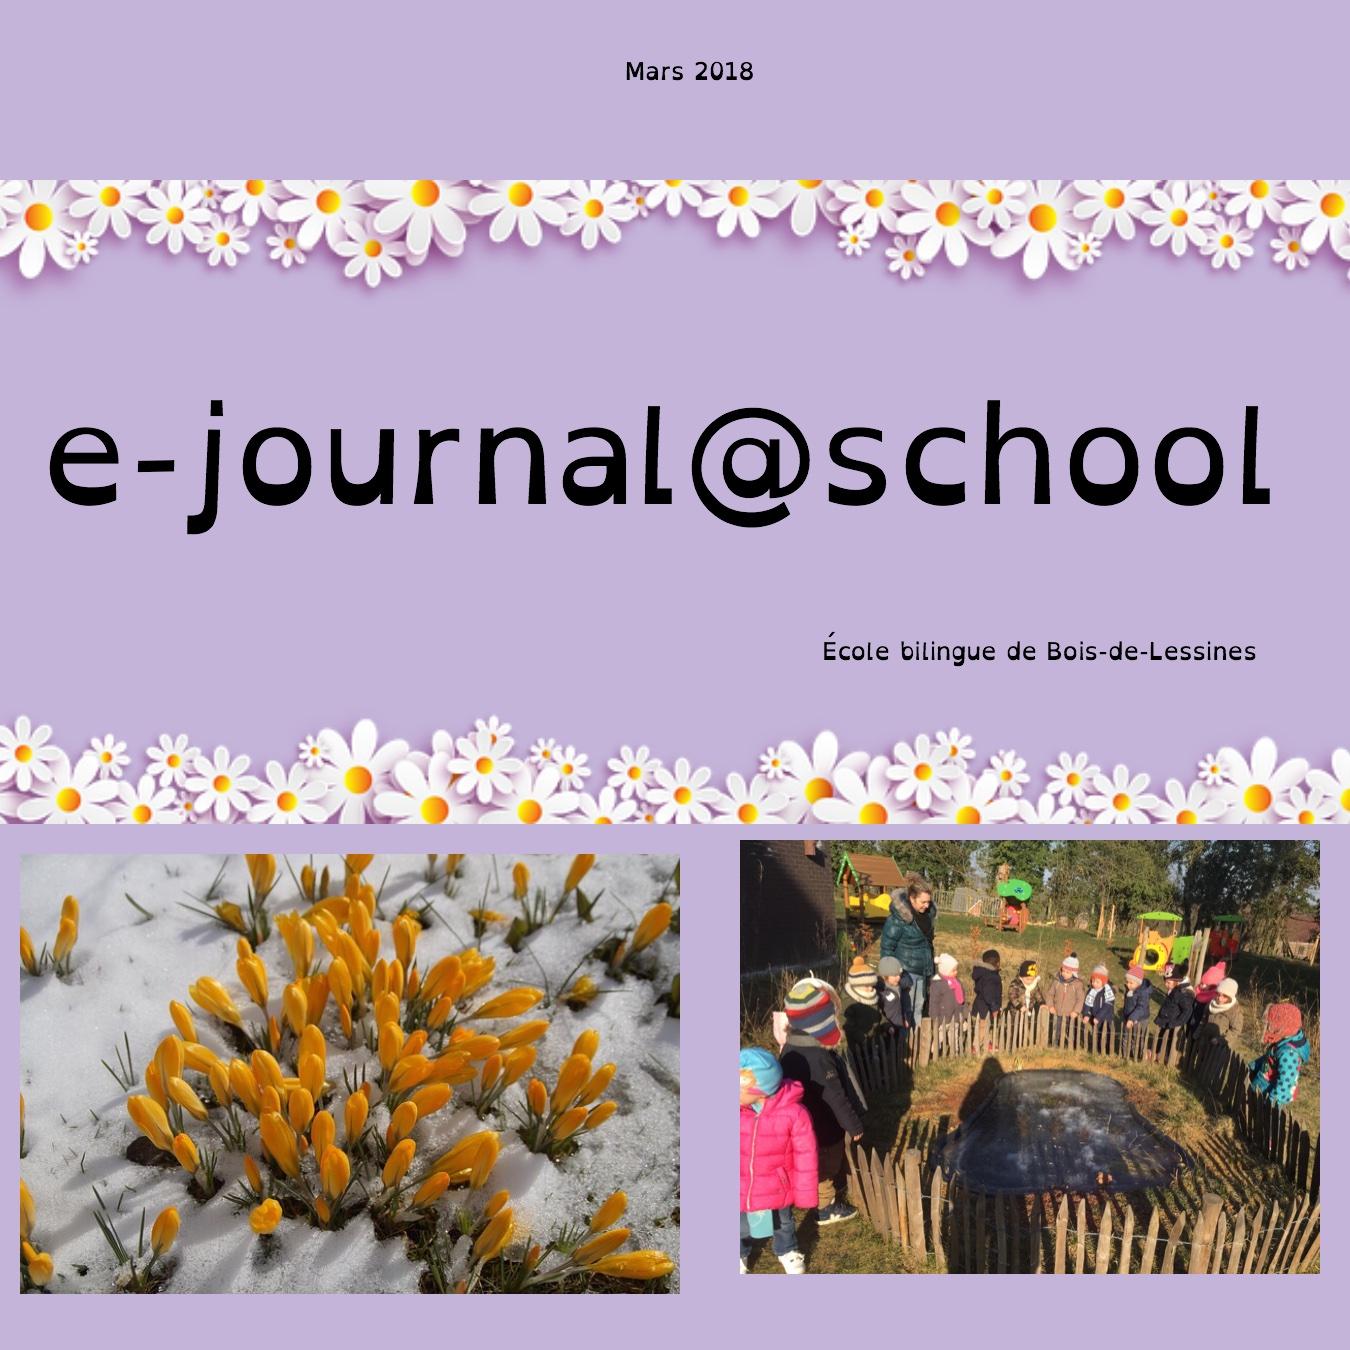 Journal de mars 2018